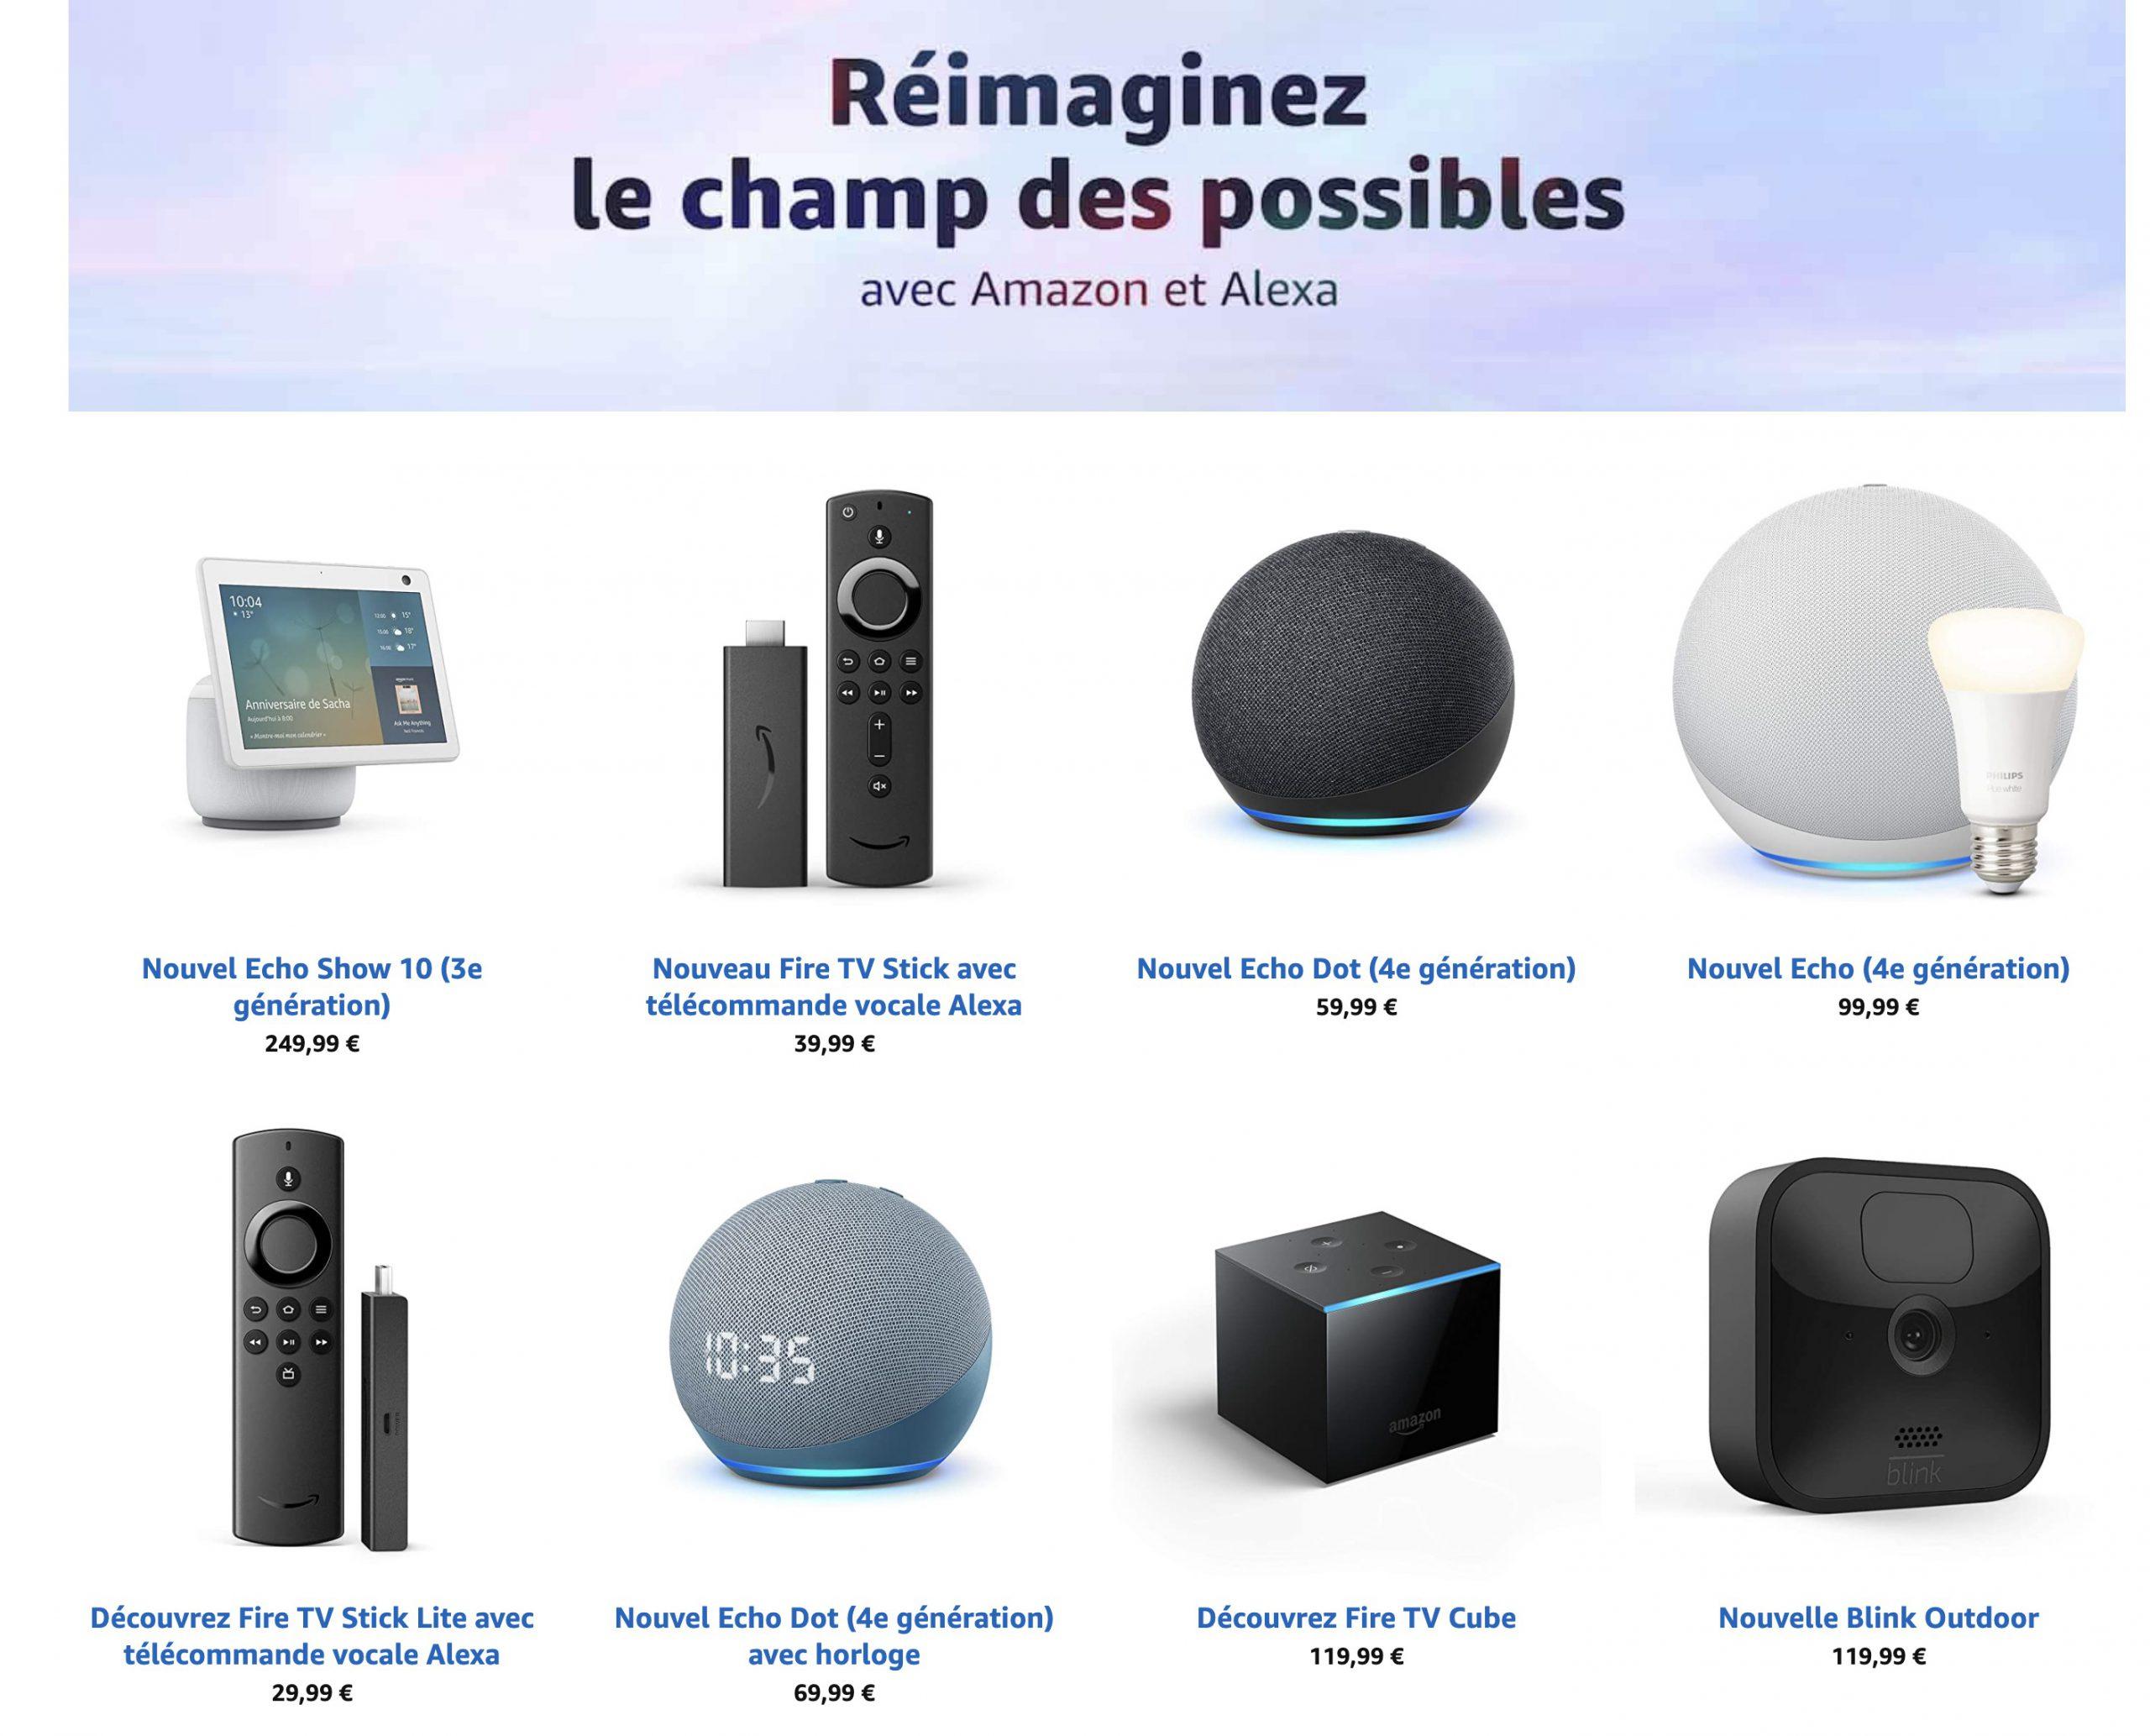 Nouveaux Amazon Echo